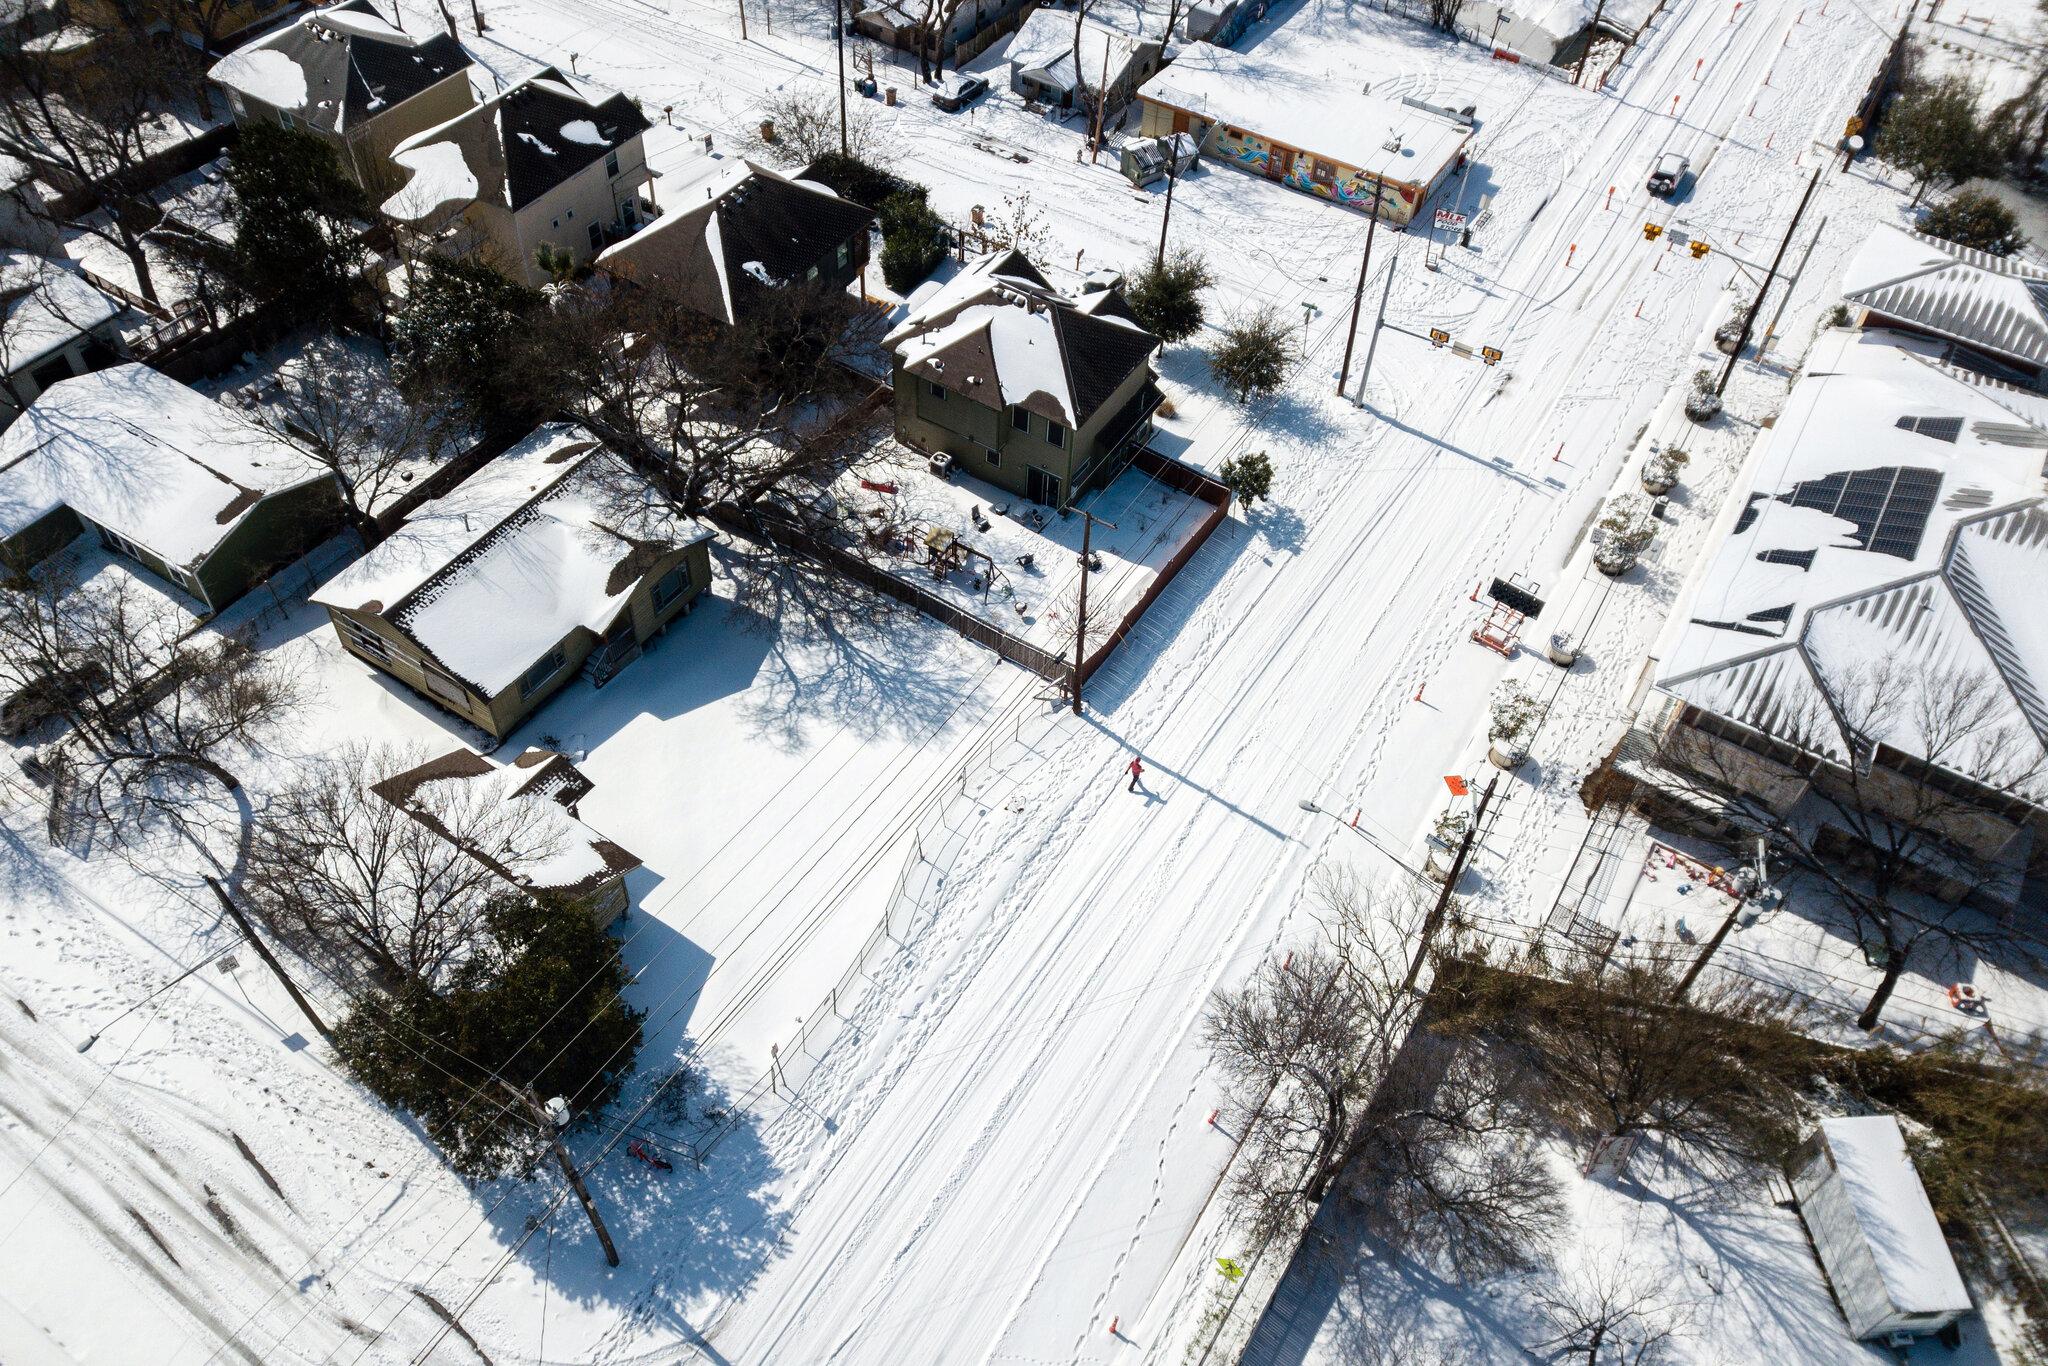 美国南部周三将再遇暴雪天气